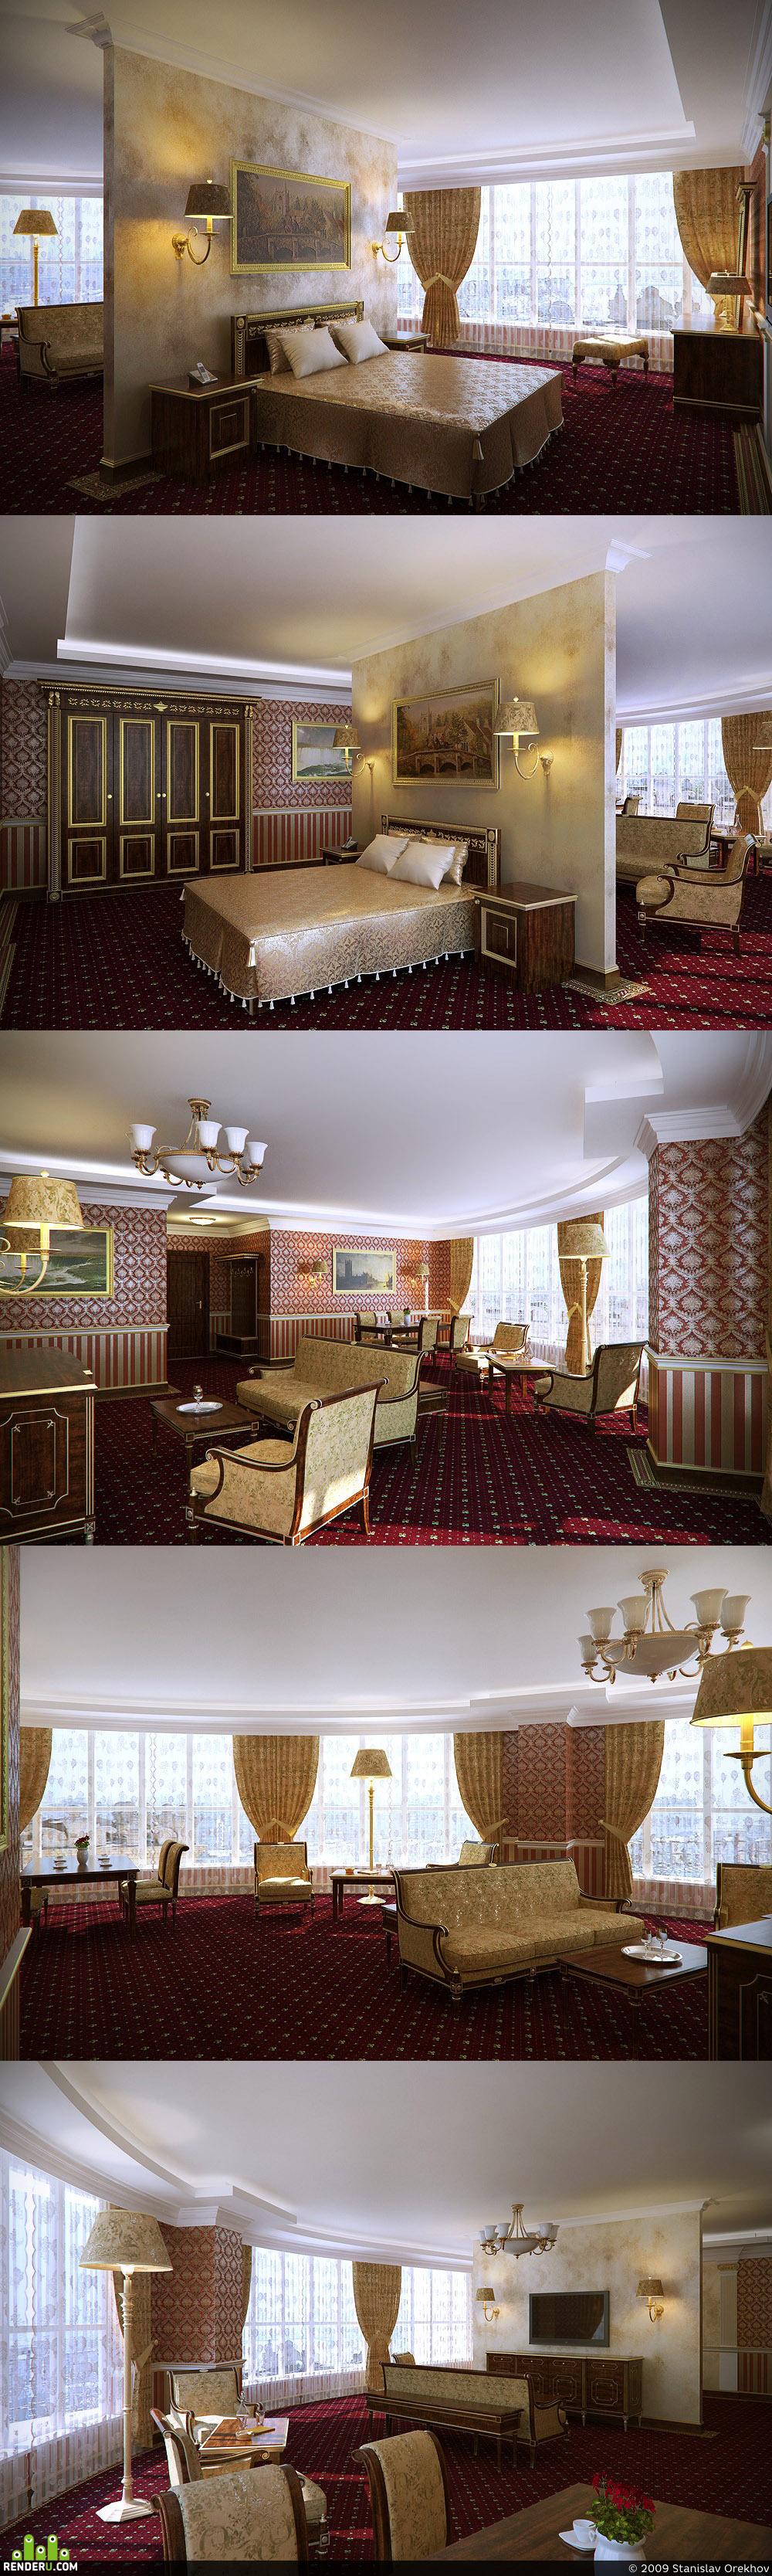 preview Интерьер гостиницы 4*, люксовые номера